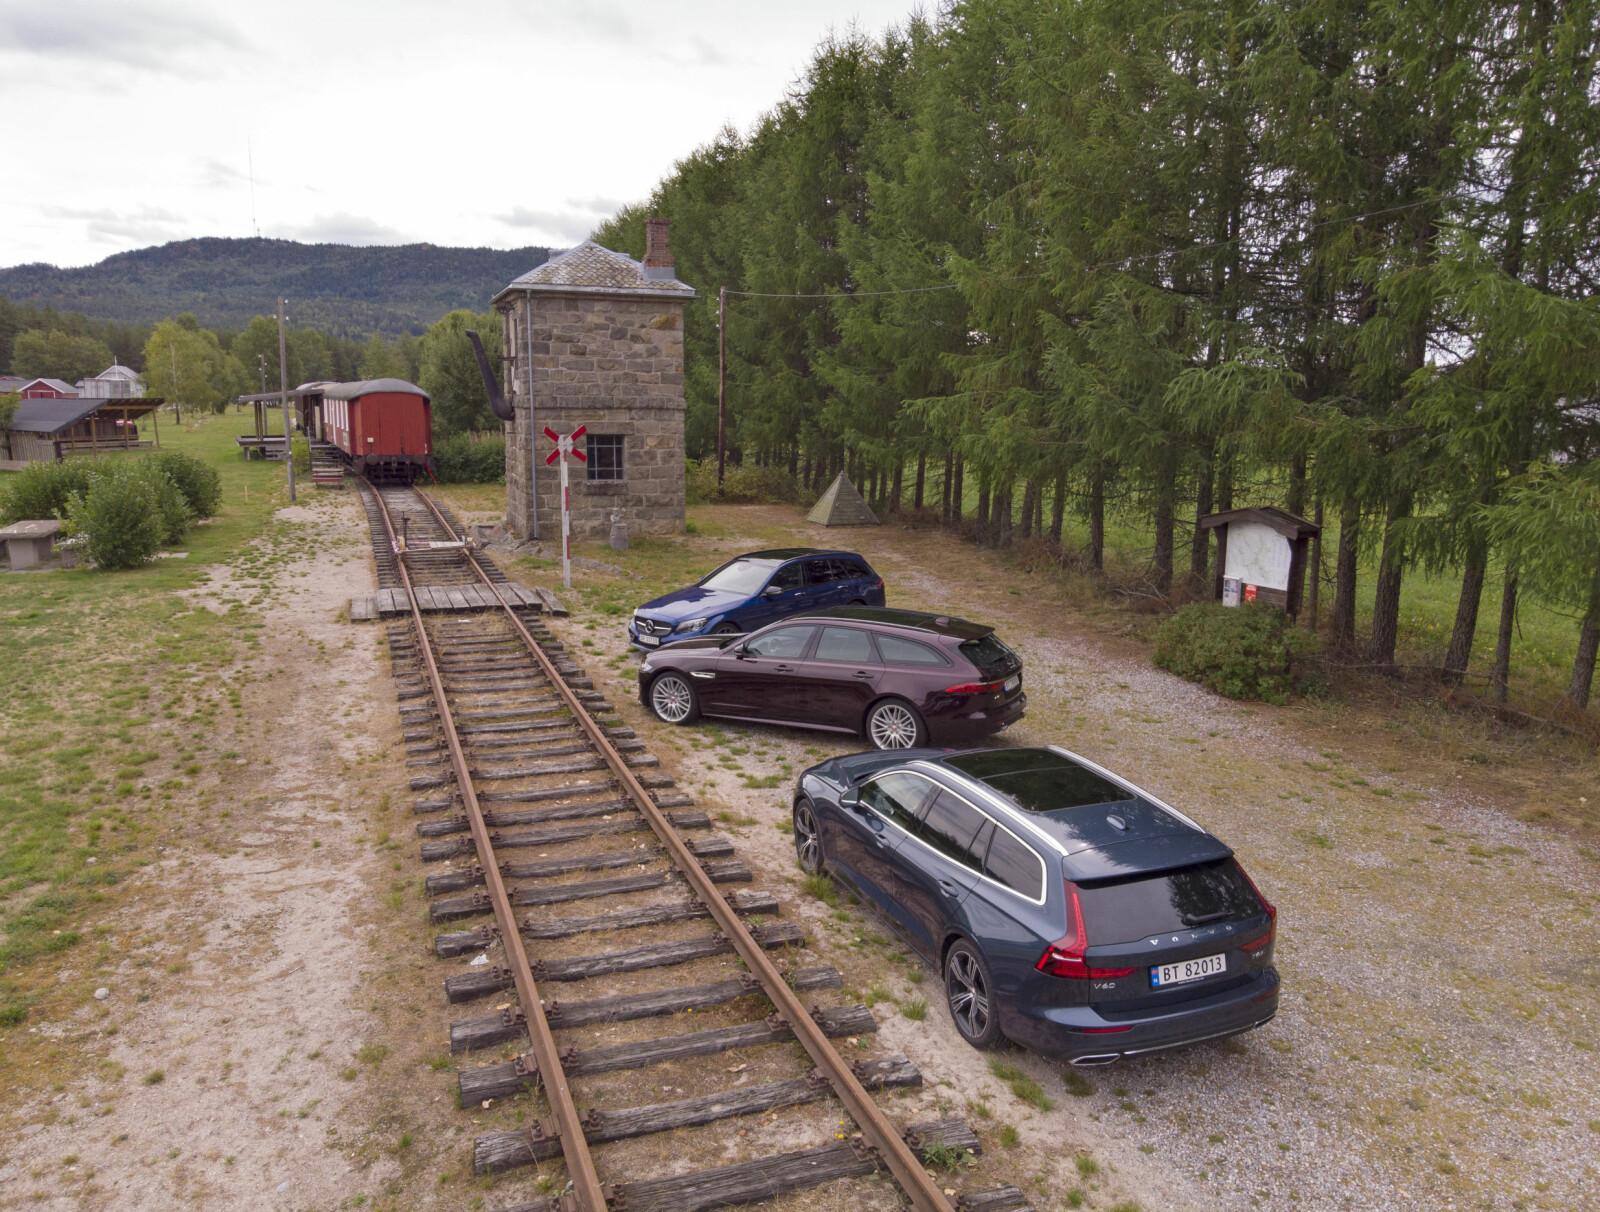 <b>PÅ SKINNER:</b> De luksuriøse stasjonsvognene oppleves ofte som å gå på skinner, selv om det er store individuelle forskjeller mellom dem. Bildet er fra Simonstad stasjon på det som er igjen av Treungenbanen i Åmli.